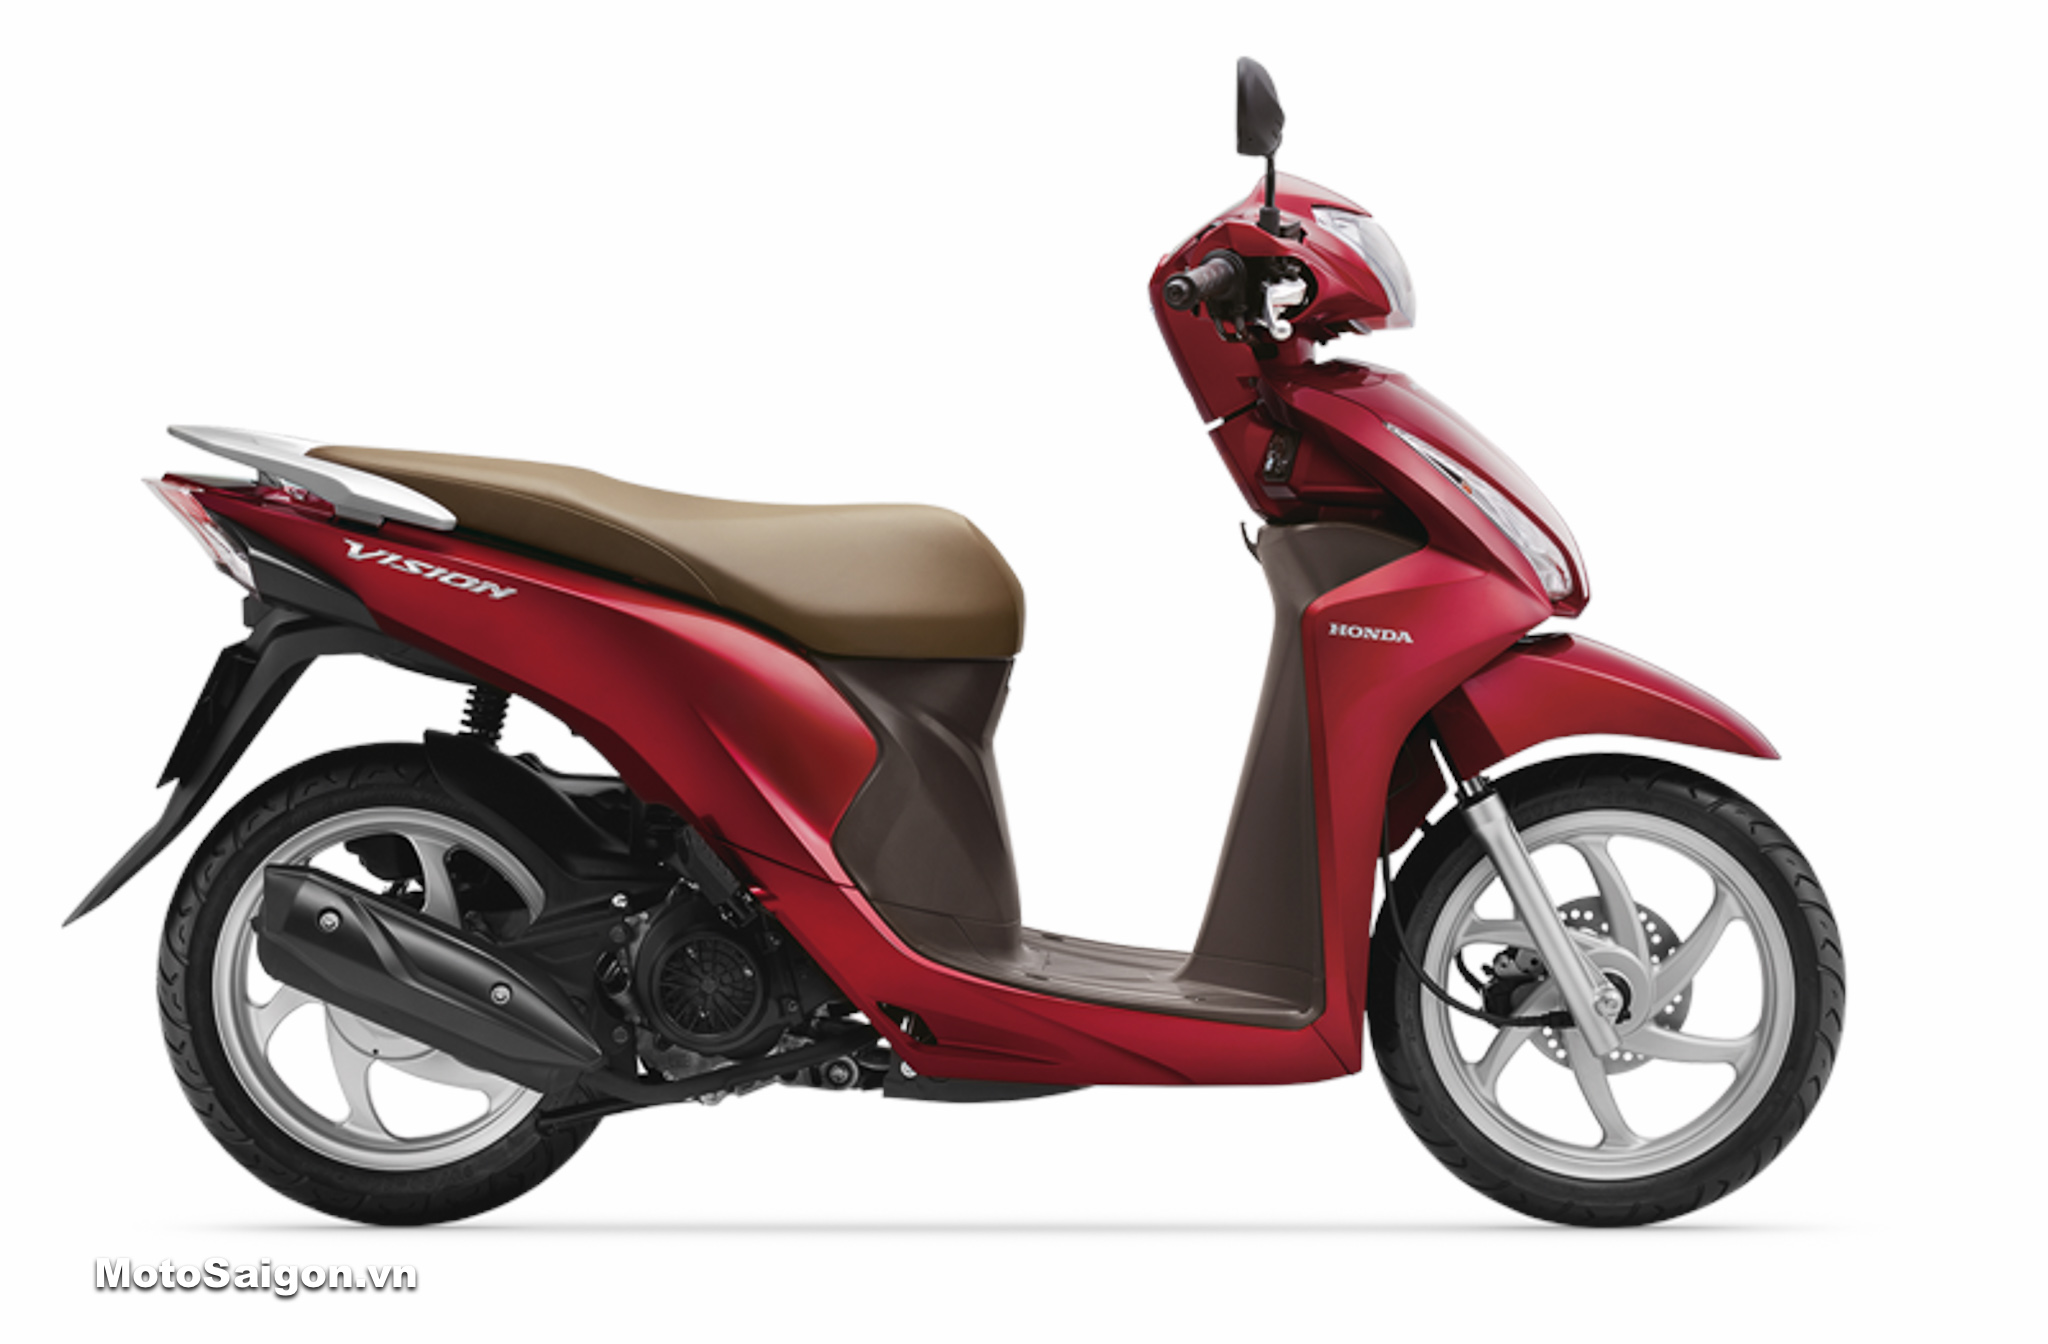 HONDA VISION 2019 phiên bản tiêu chuẩn màu Đỏ Nâu đã có giá bán